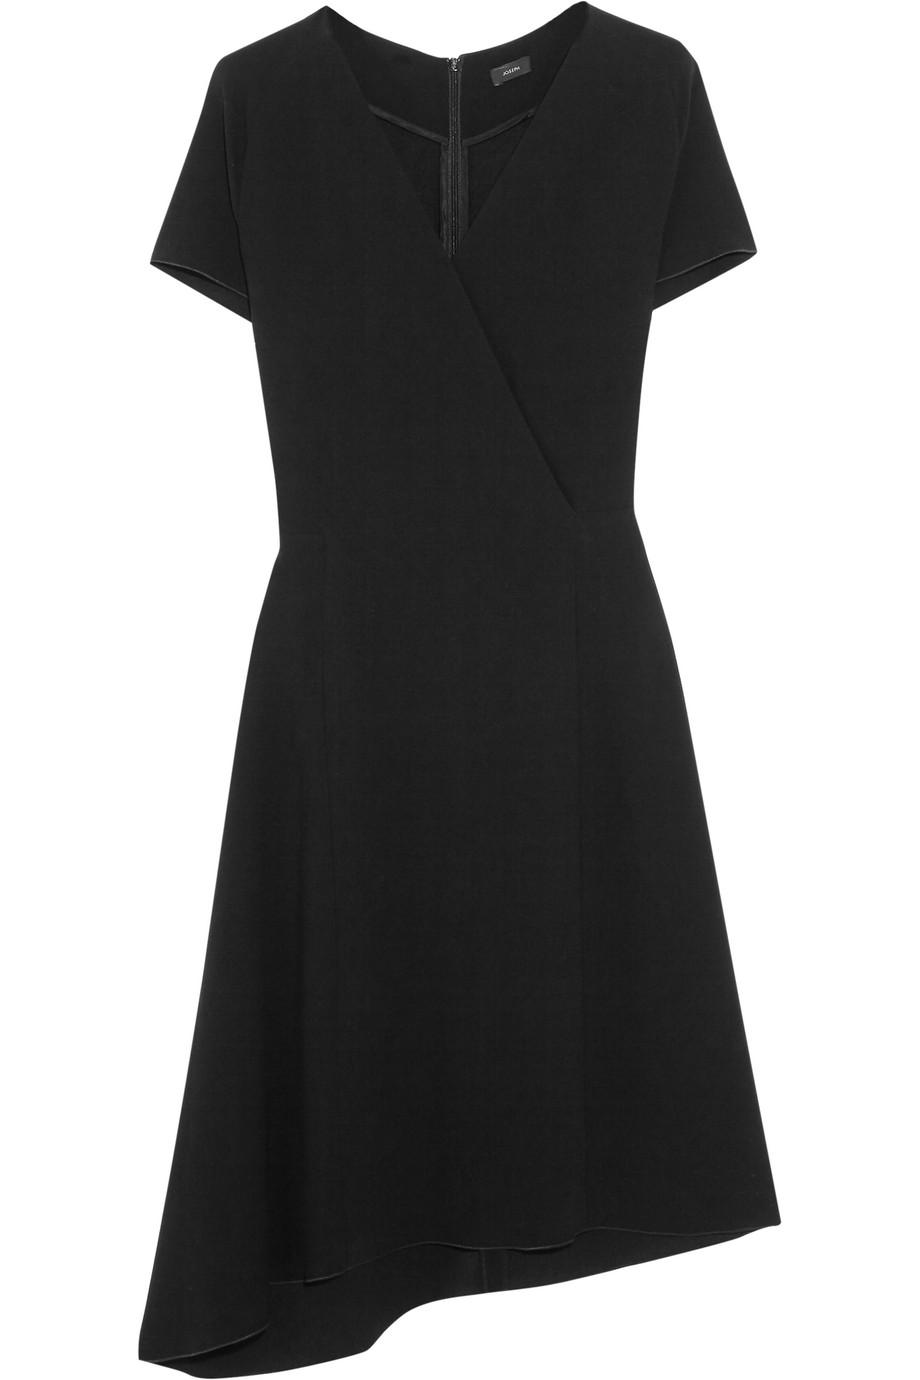 Joseph June Asymmetric Wrap-Effect Stretch-Crepe Dress, Black, Women's, Size: 36